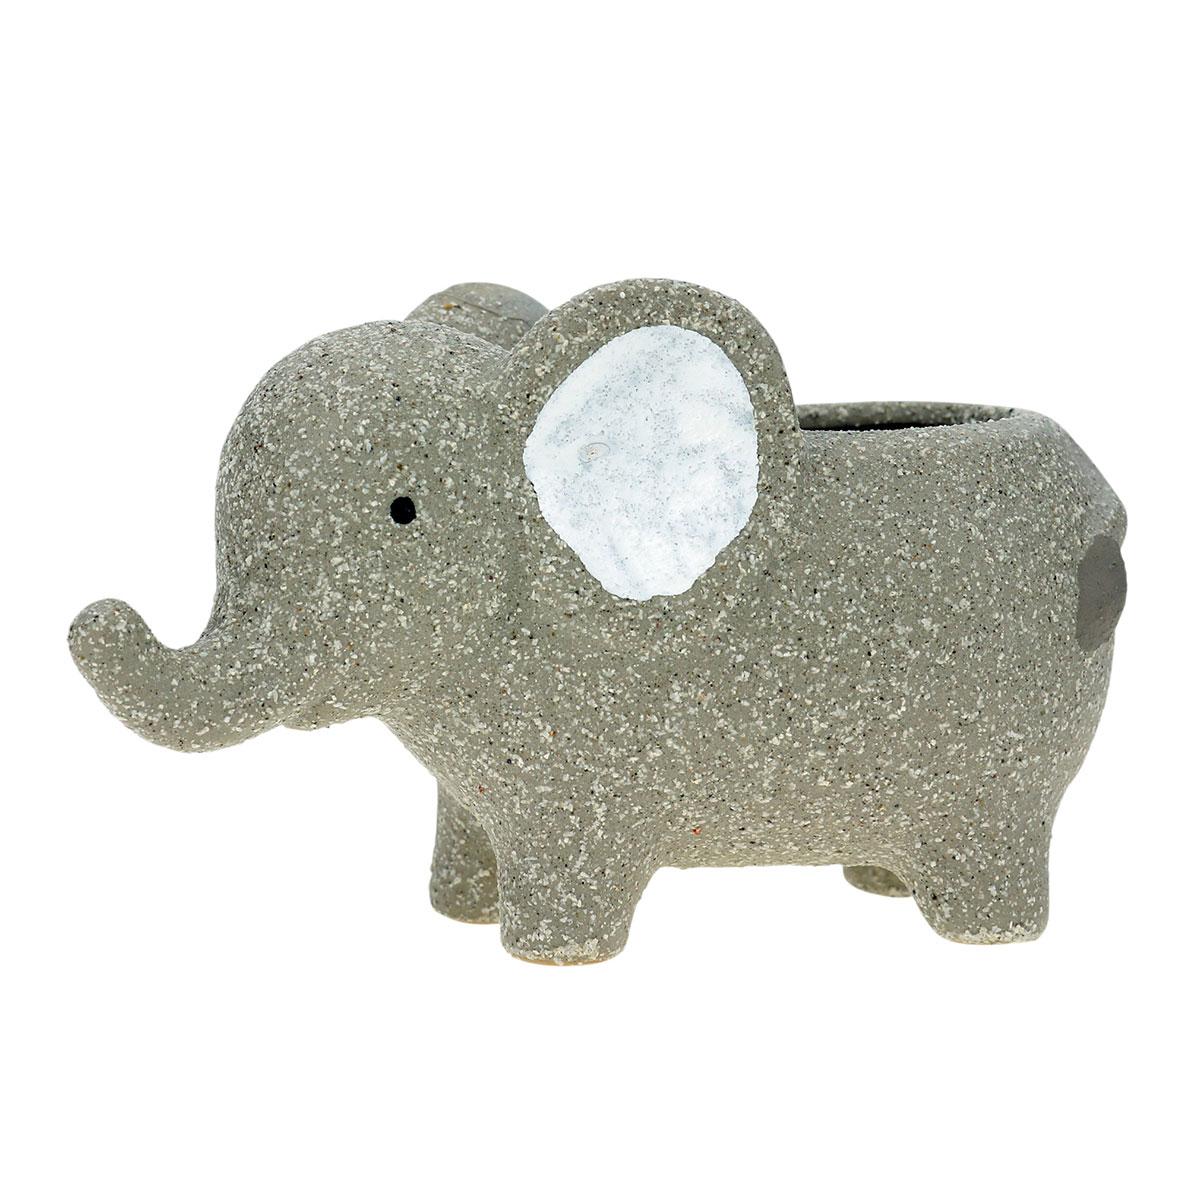 Cachepot Concreto Vaso Decorativo Baby Elefante Cinza - Presente Super